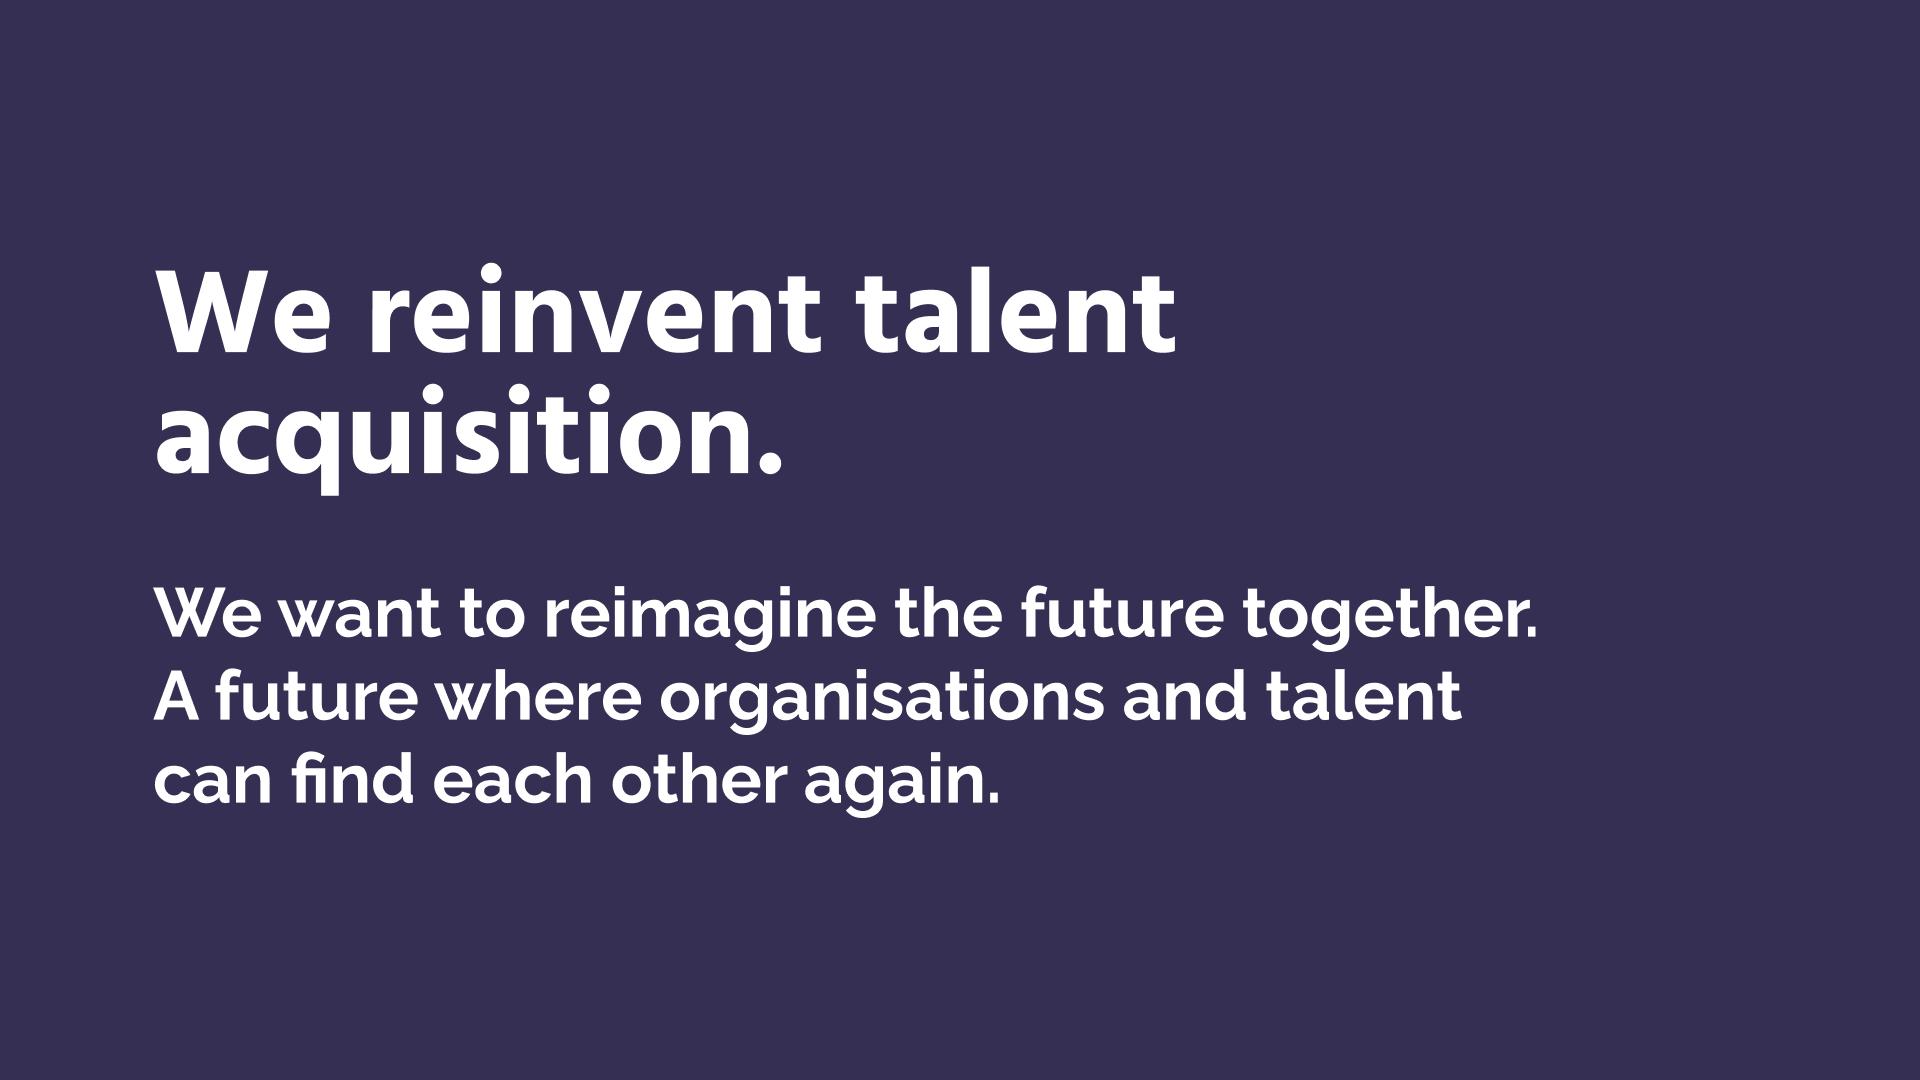 Talent-Reimagined-13b